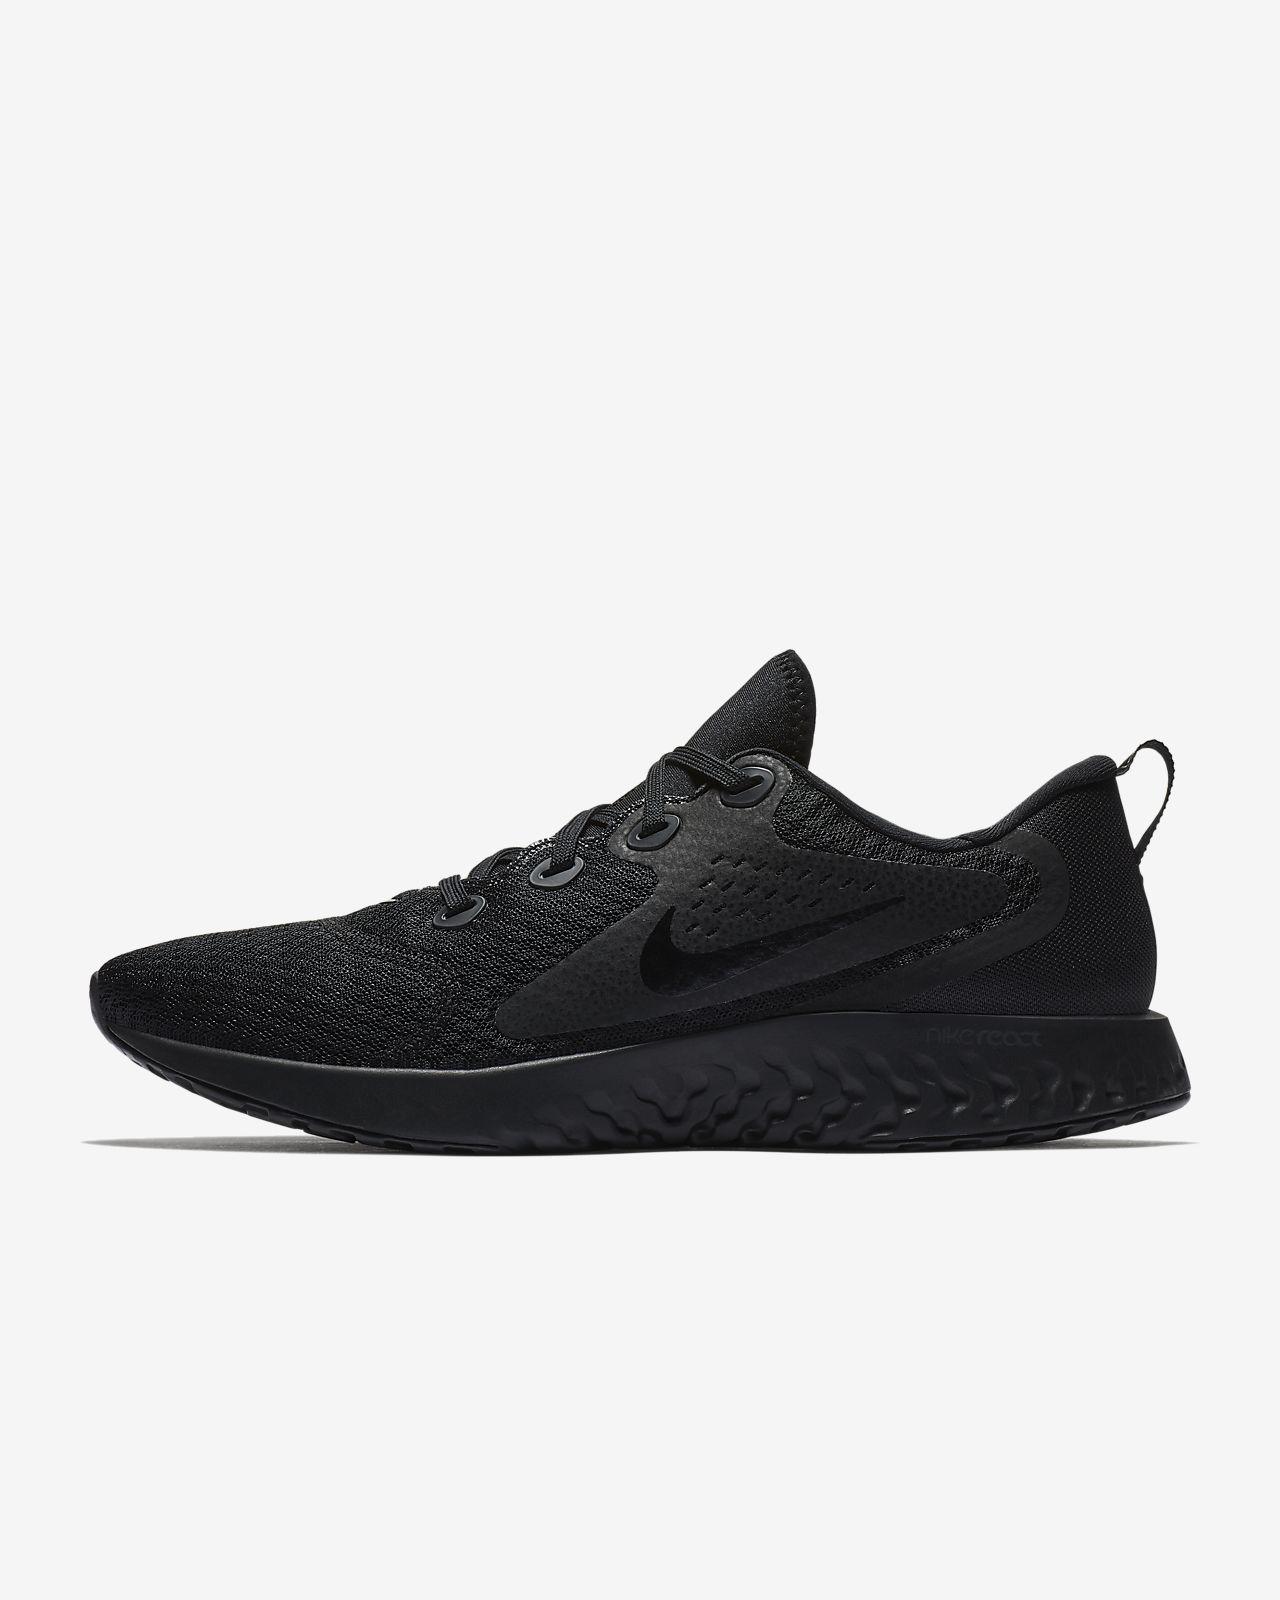 8557f4c3b08 Nike Legend React Men s Running Shoe. Nike.com CH